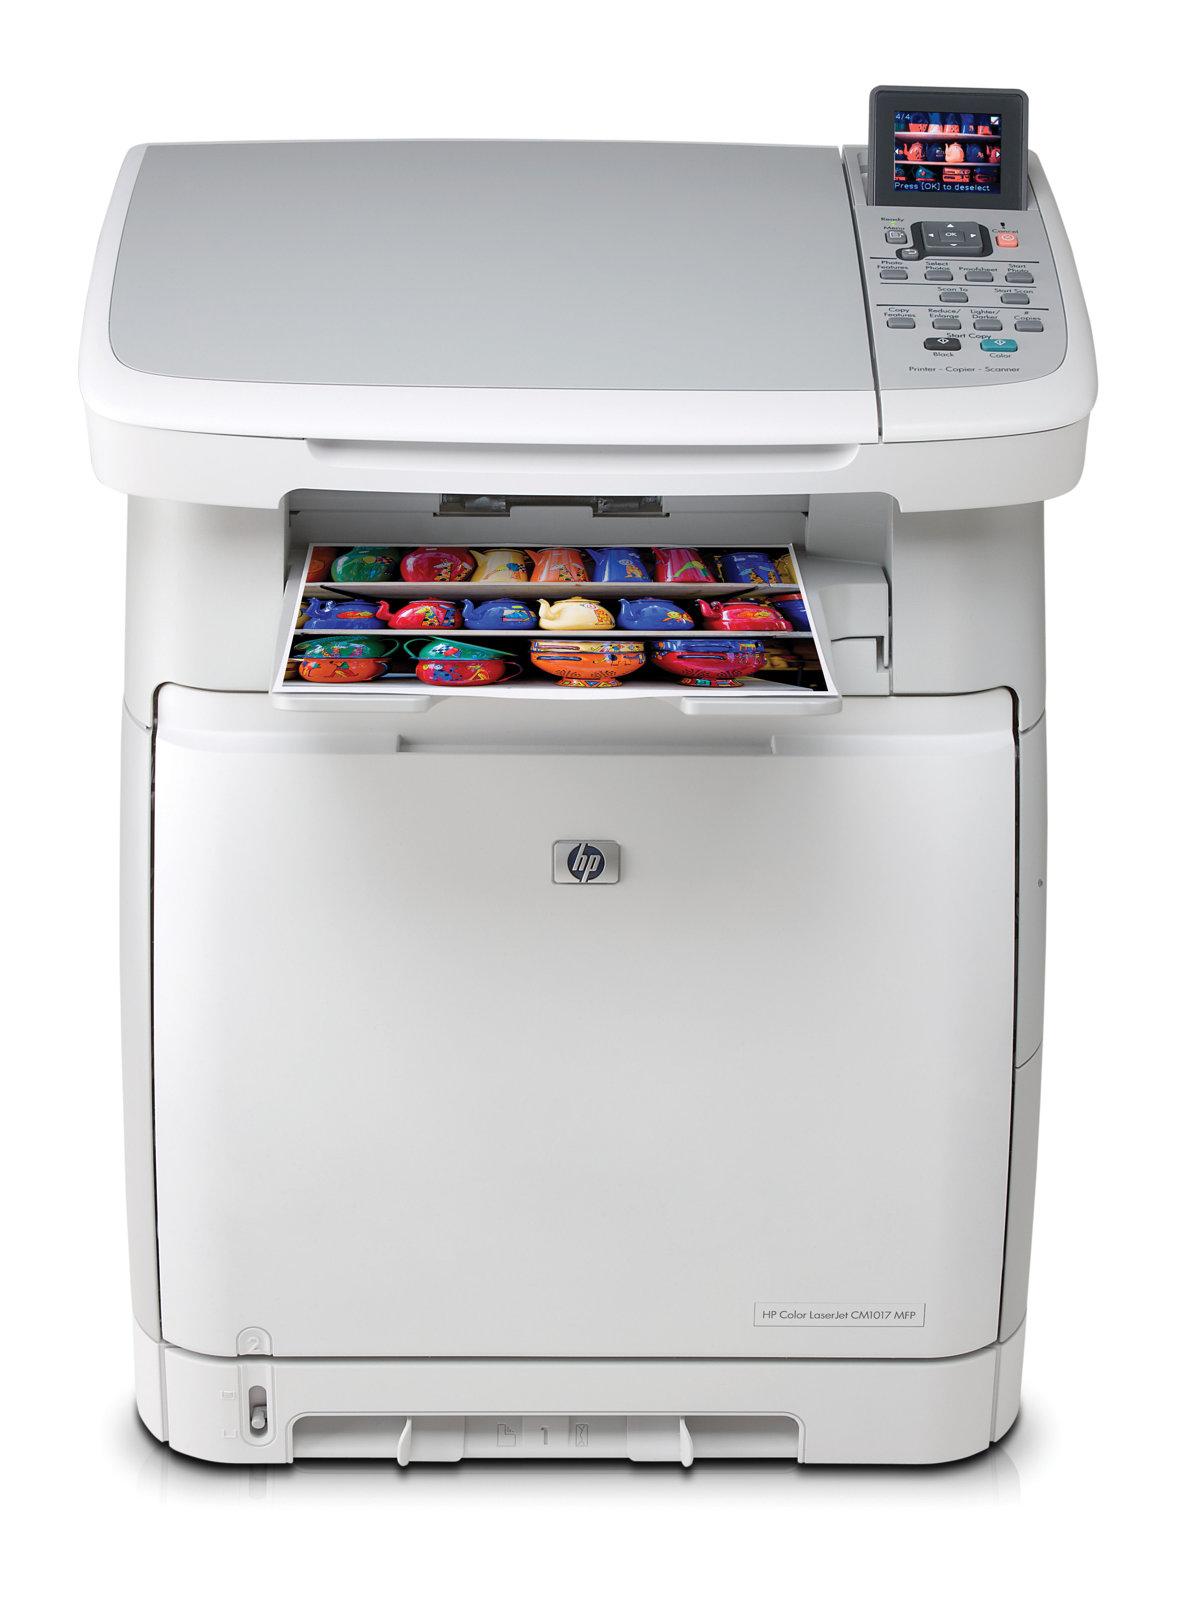 slide 1 of 6,show larger image, hp color laserjet cm1017 multifunction  printer